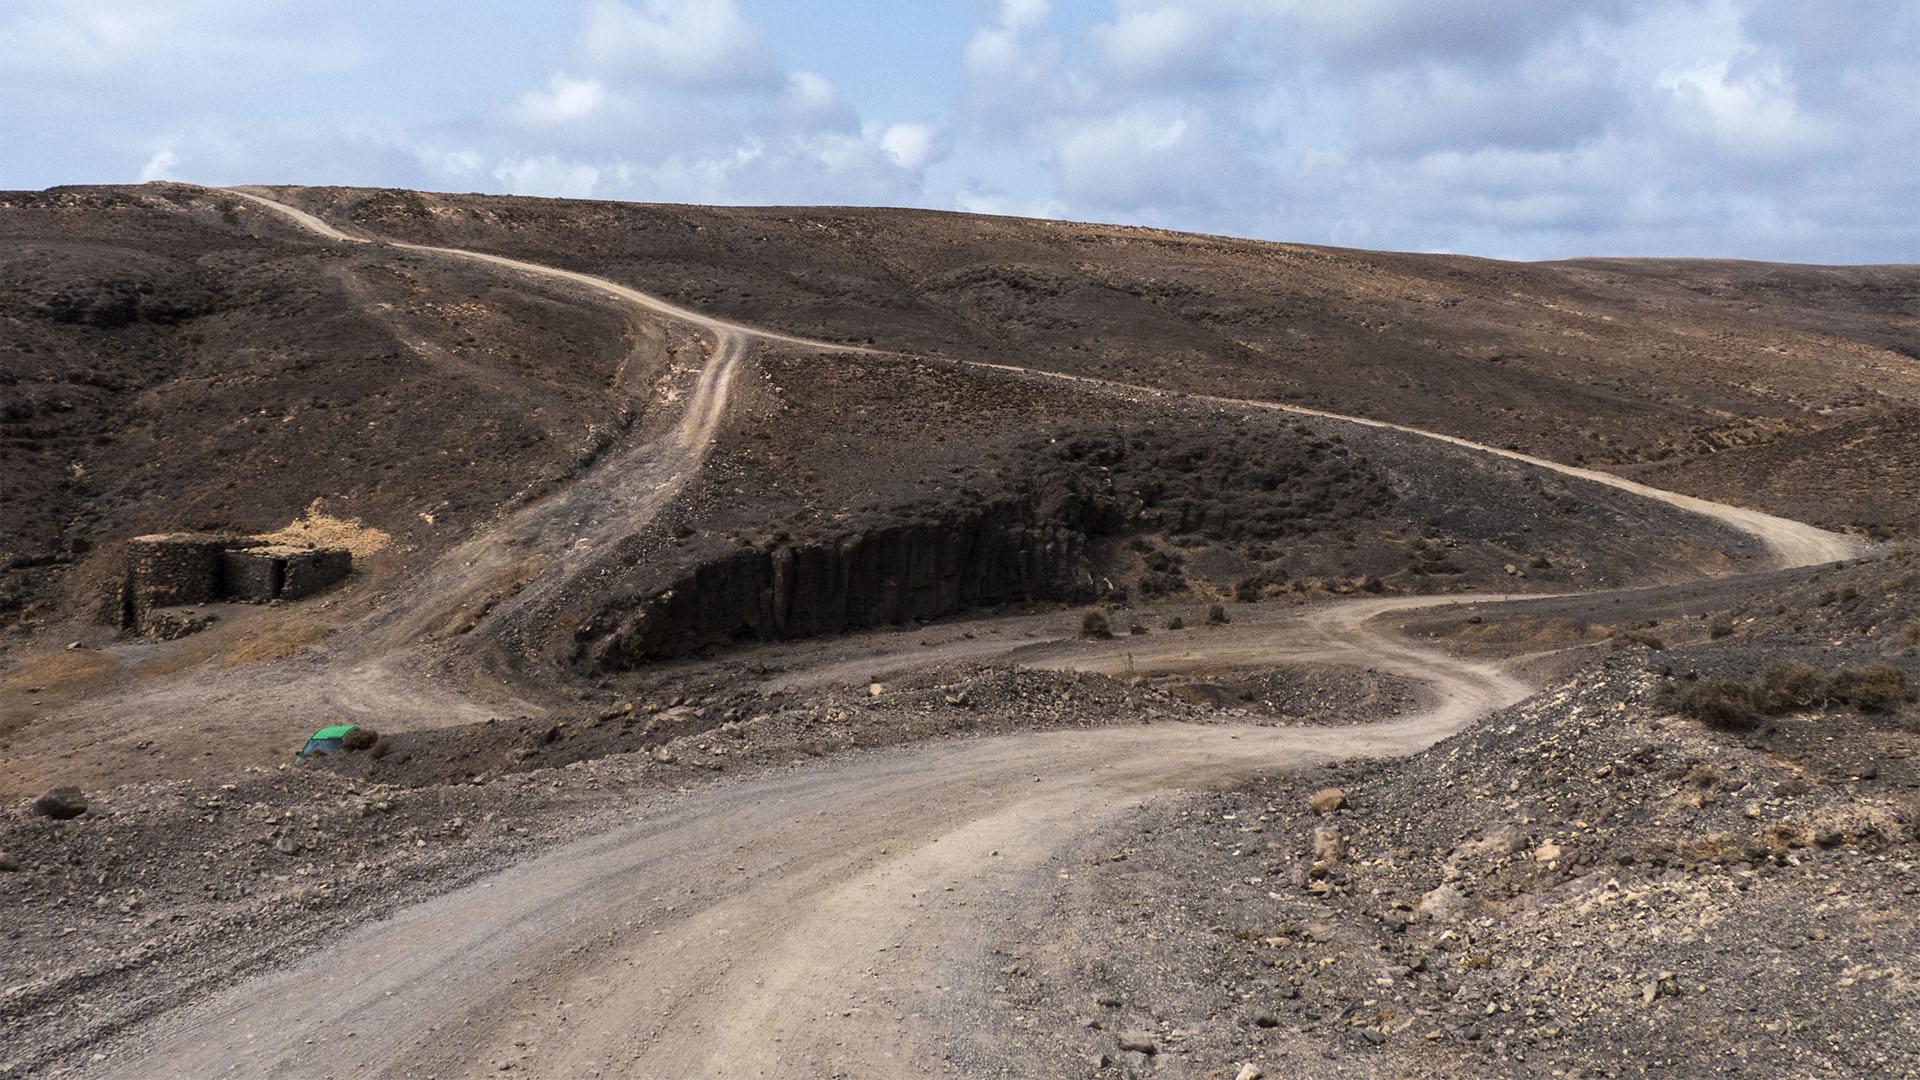 Die Strände Fuerteventuras: Playa Majada de las Cabras